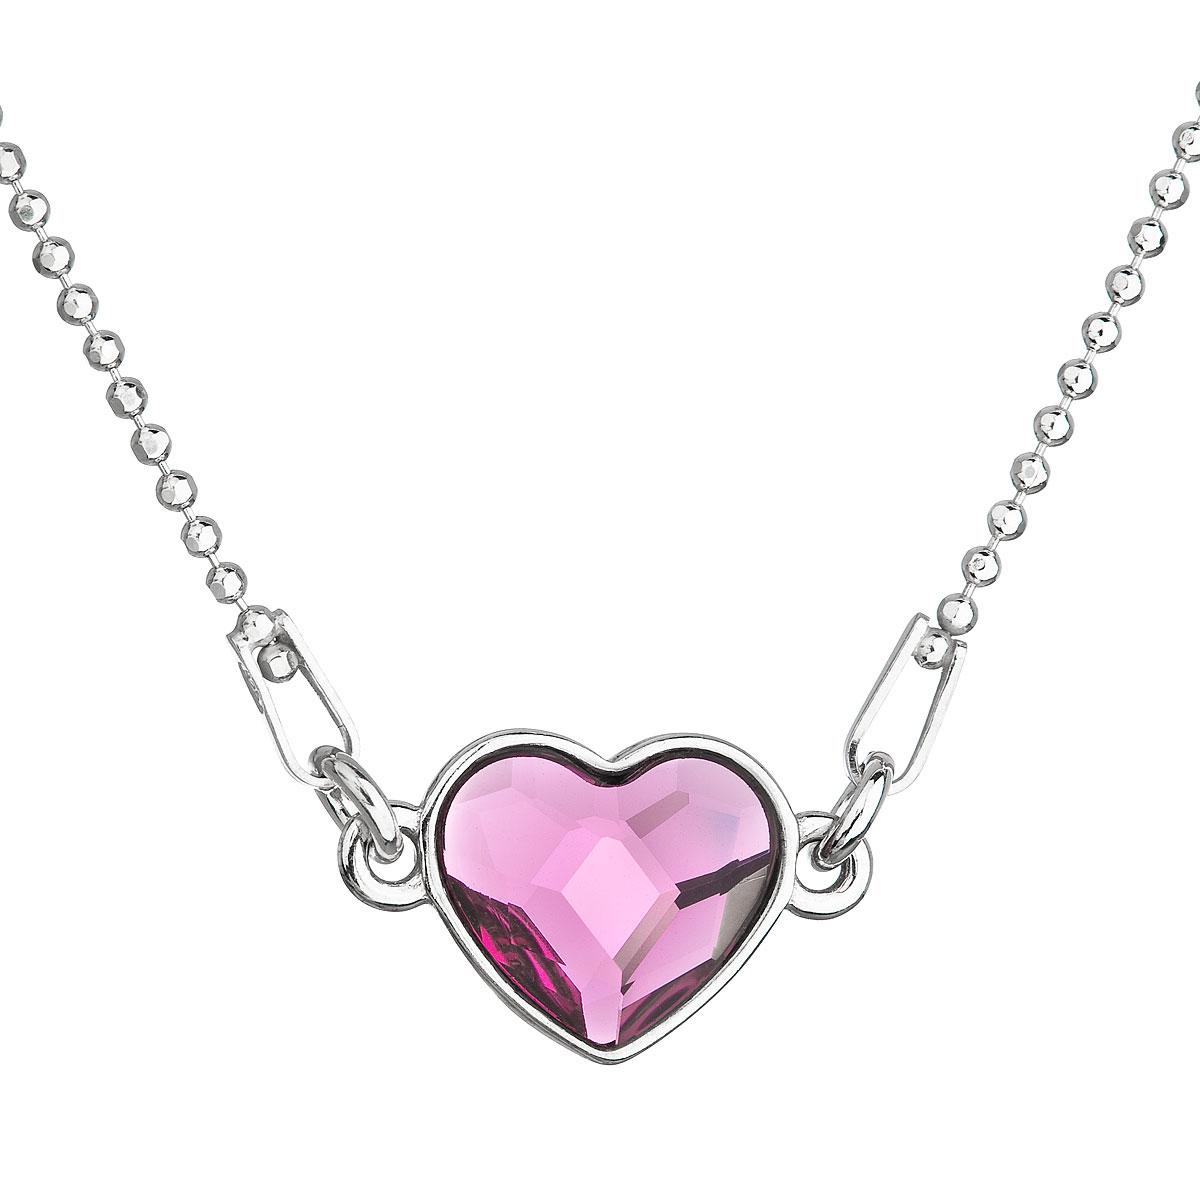 Strieborný náhrdelník s krištálom Swarovski ružové srdce 32061.3 fuchsia